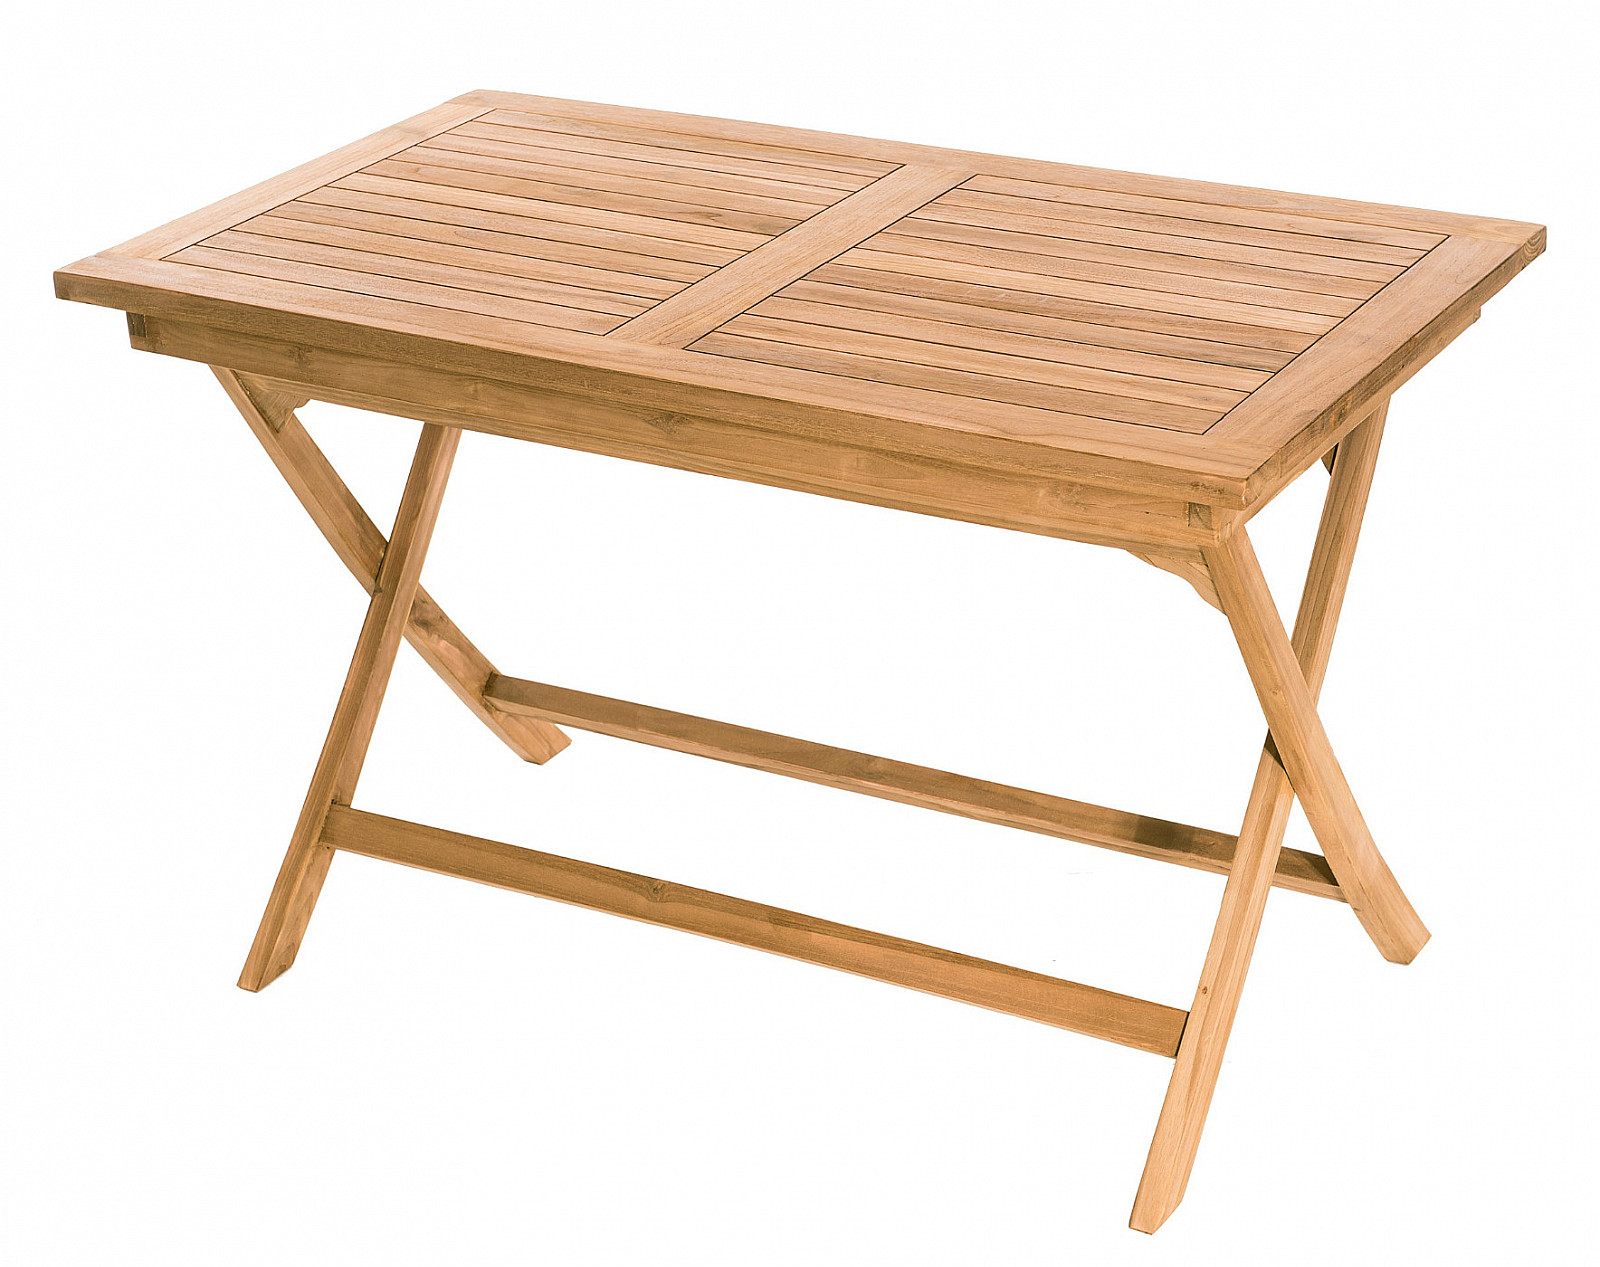 DEOKORK Záhradný skladací stôl obdĺžnik COIMBRA 120 x 70 cm (teak)